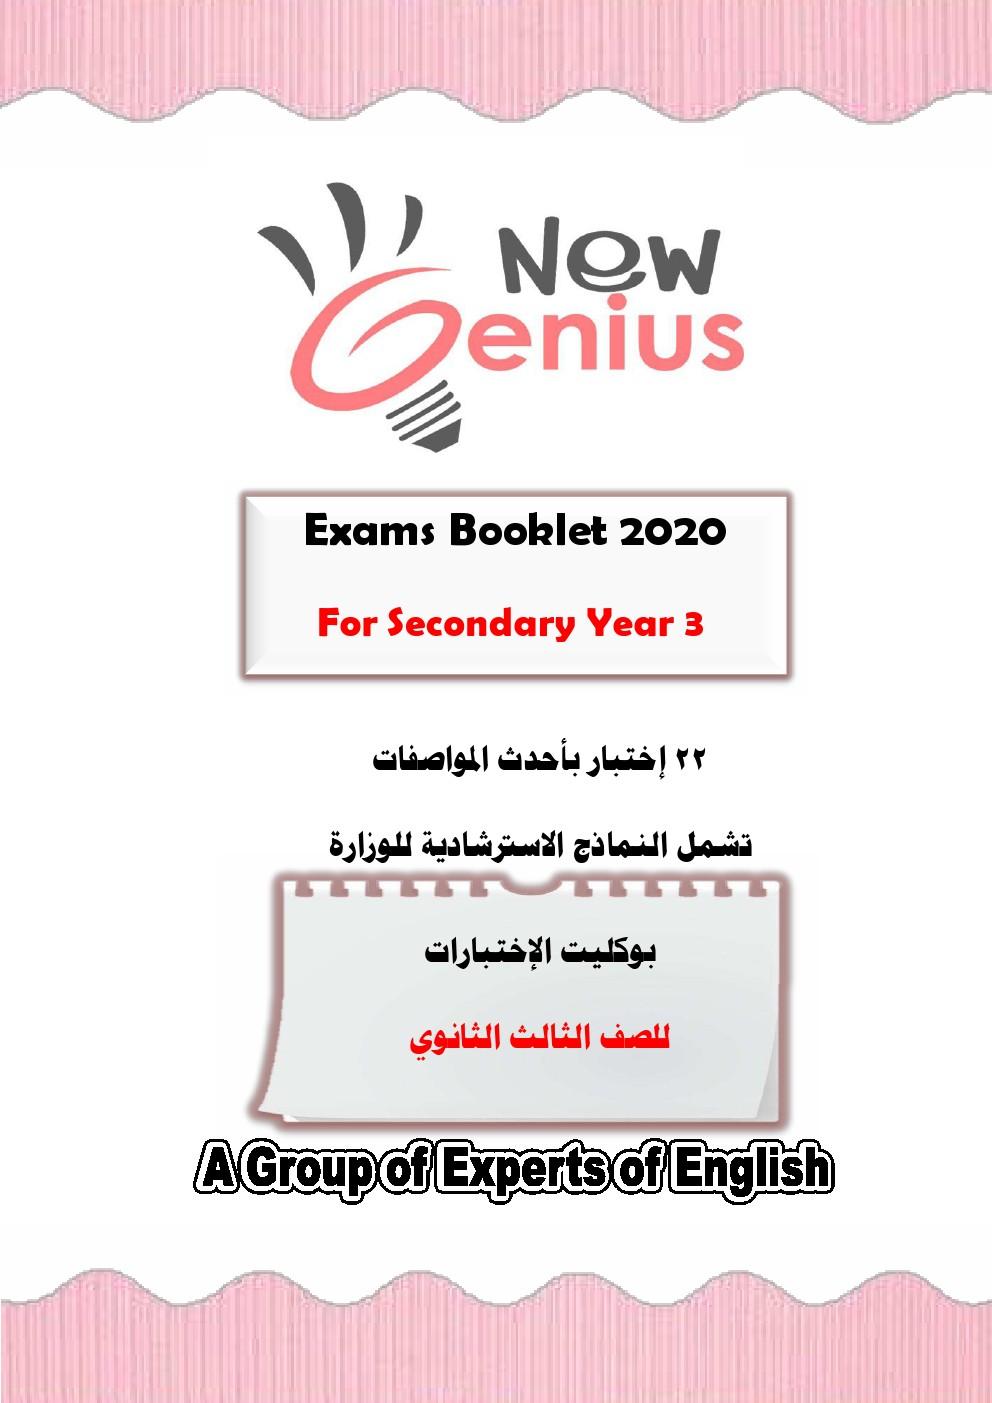 بوكليت امتحانات نيو جينيس New Genius لغة انجليزية بالاجابات للصف الثالث الثانوي 2020 pdf